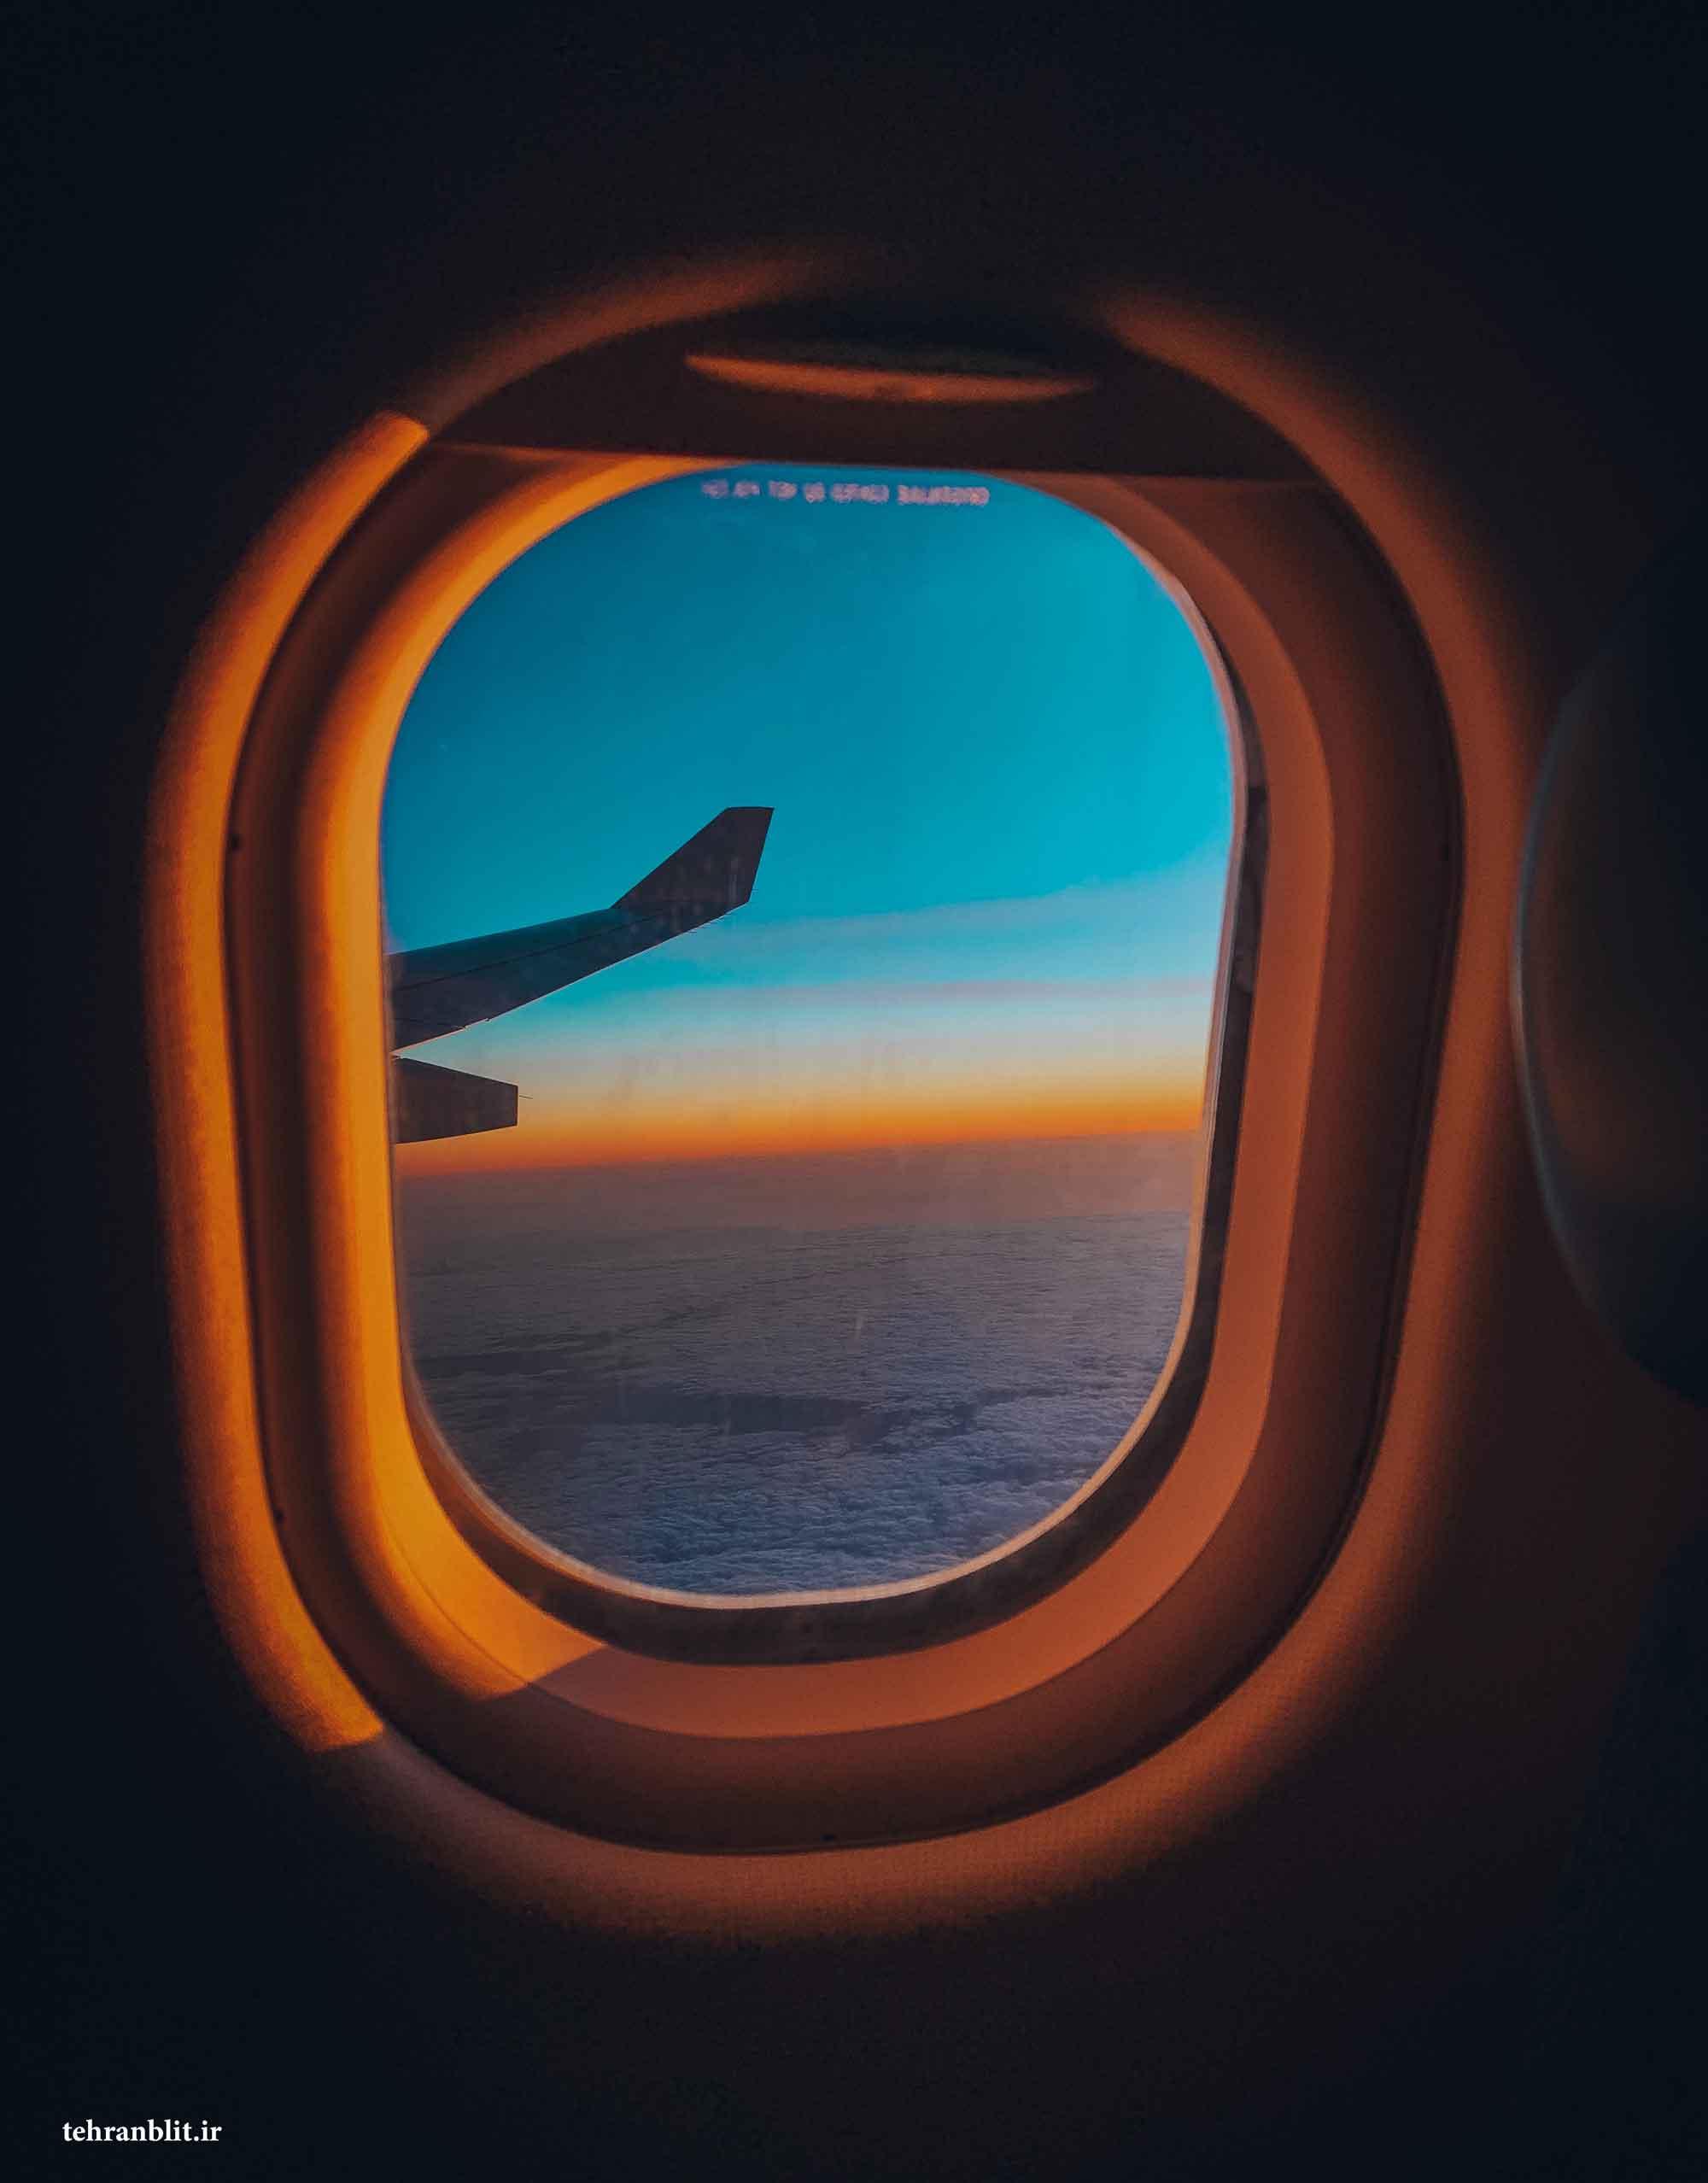 بایت هواپیما